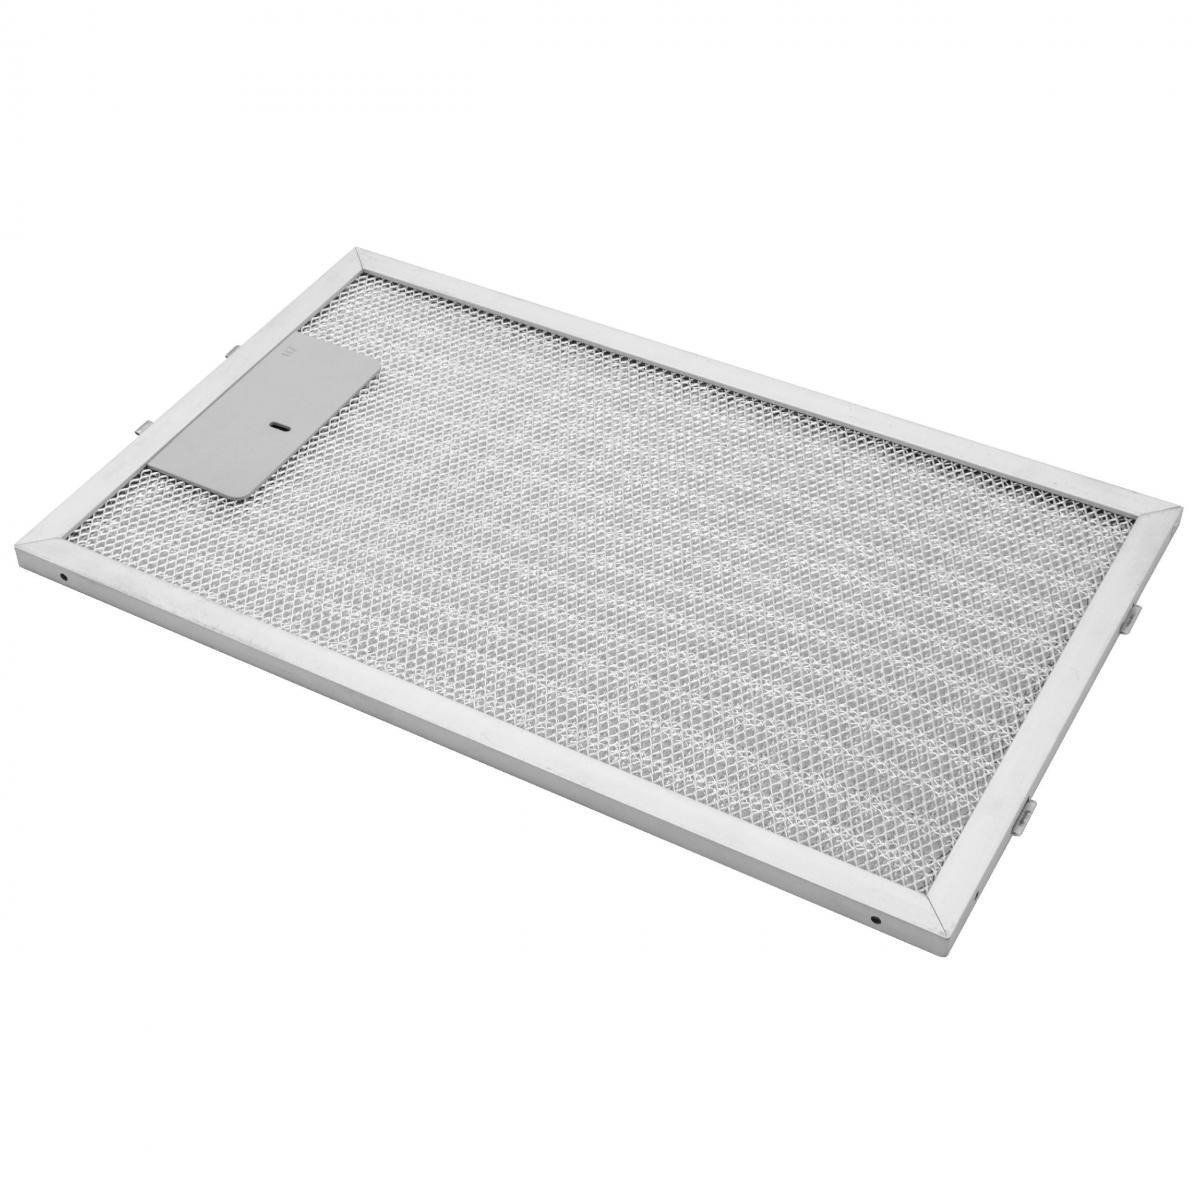 Vhbw vhbw Filtrepermanent filtre à graisse métallique 32,5 x 19,6 x 0,85 cm remplacement pour AEG 4055101697 hottes de cuisin